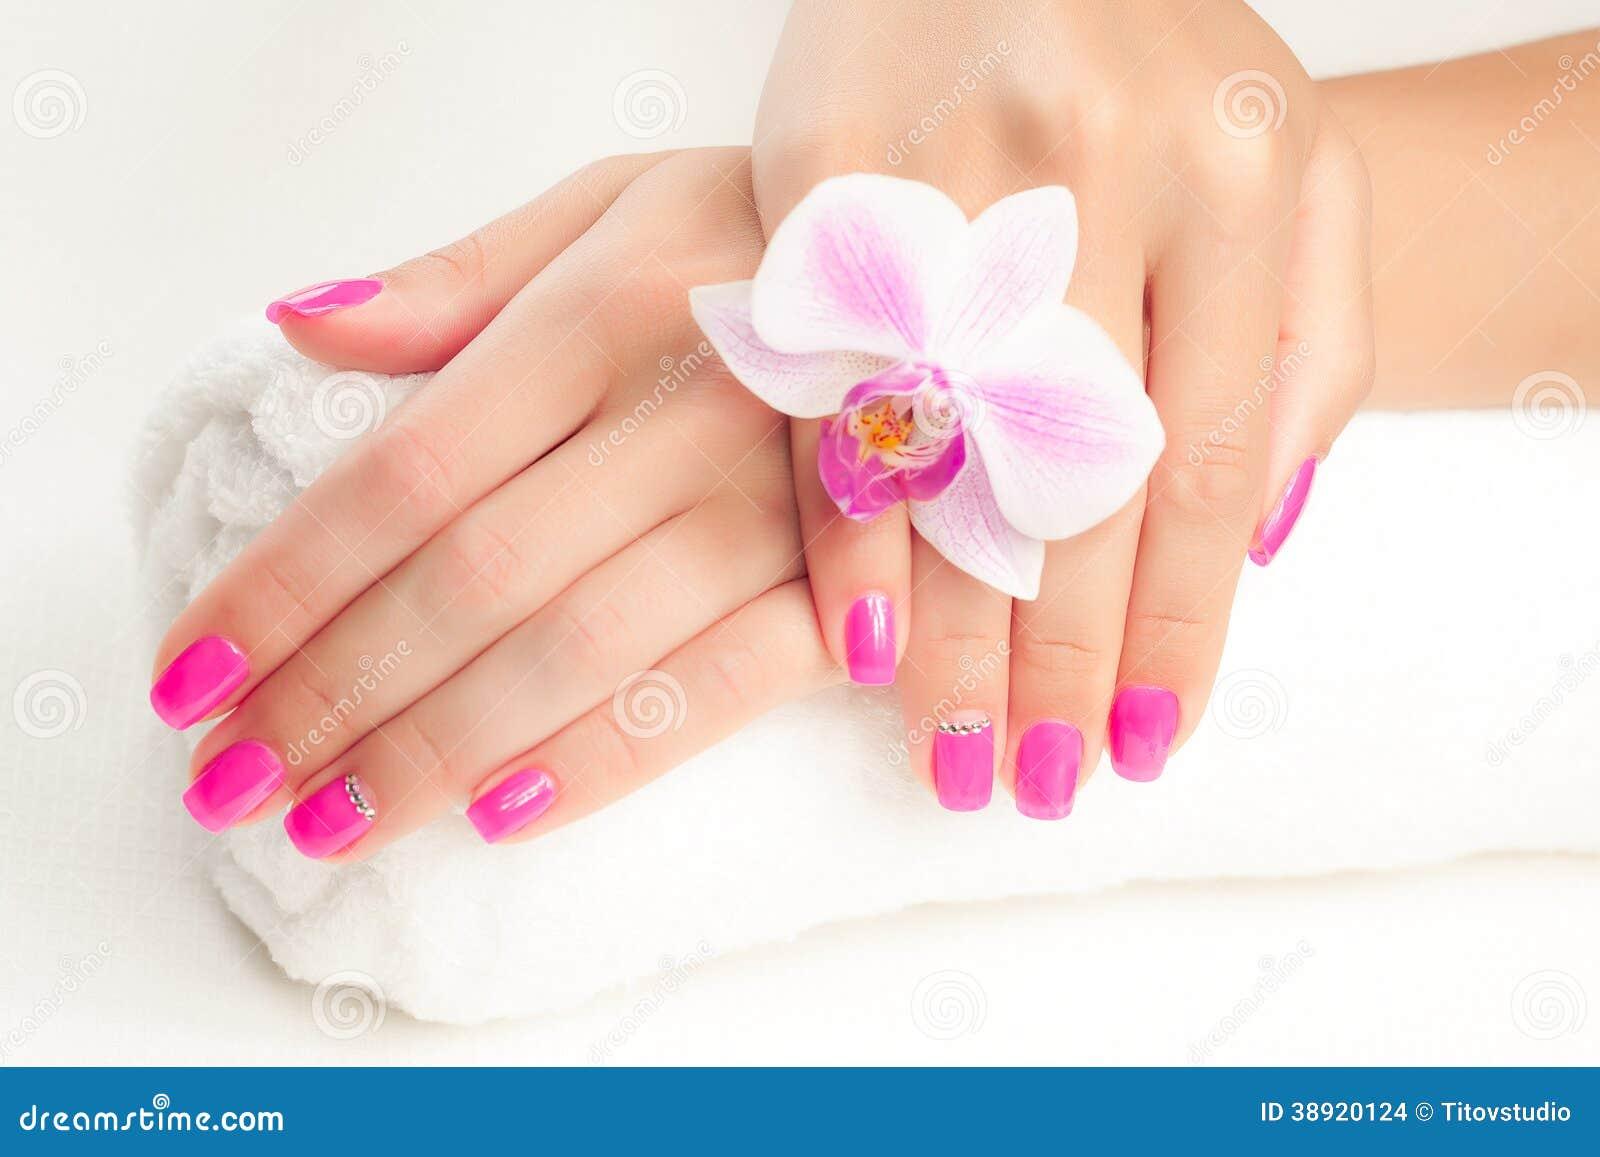 Фото красивого маникюра ногтей